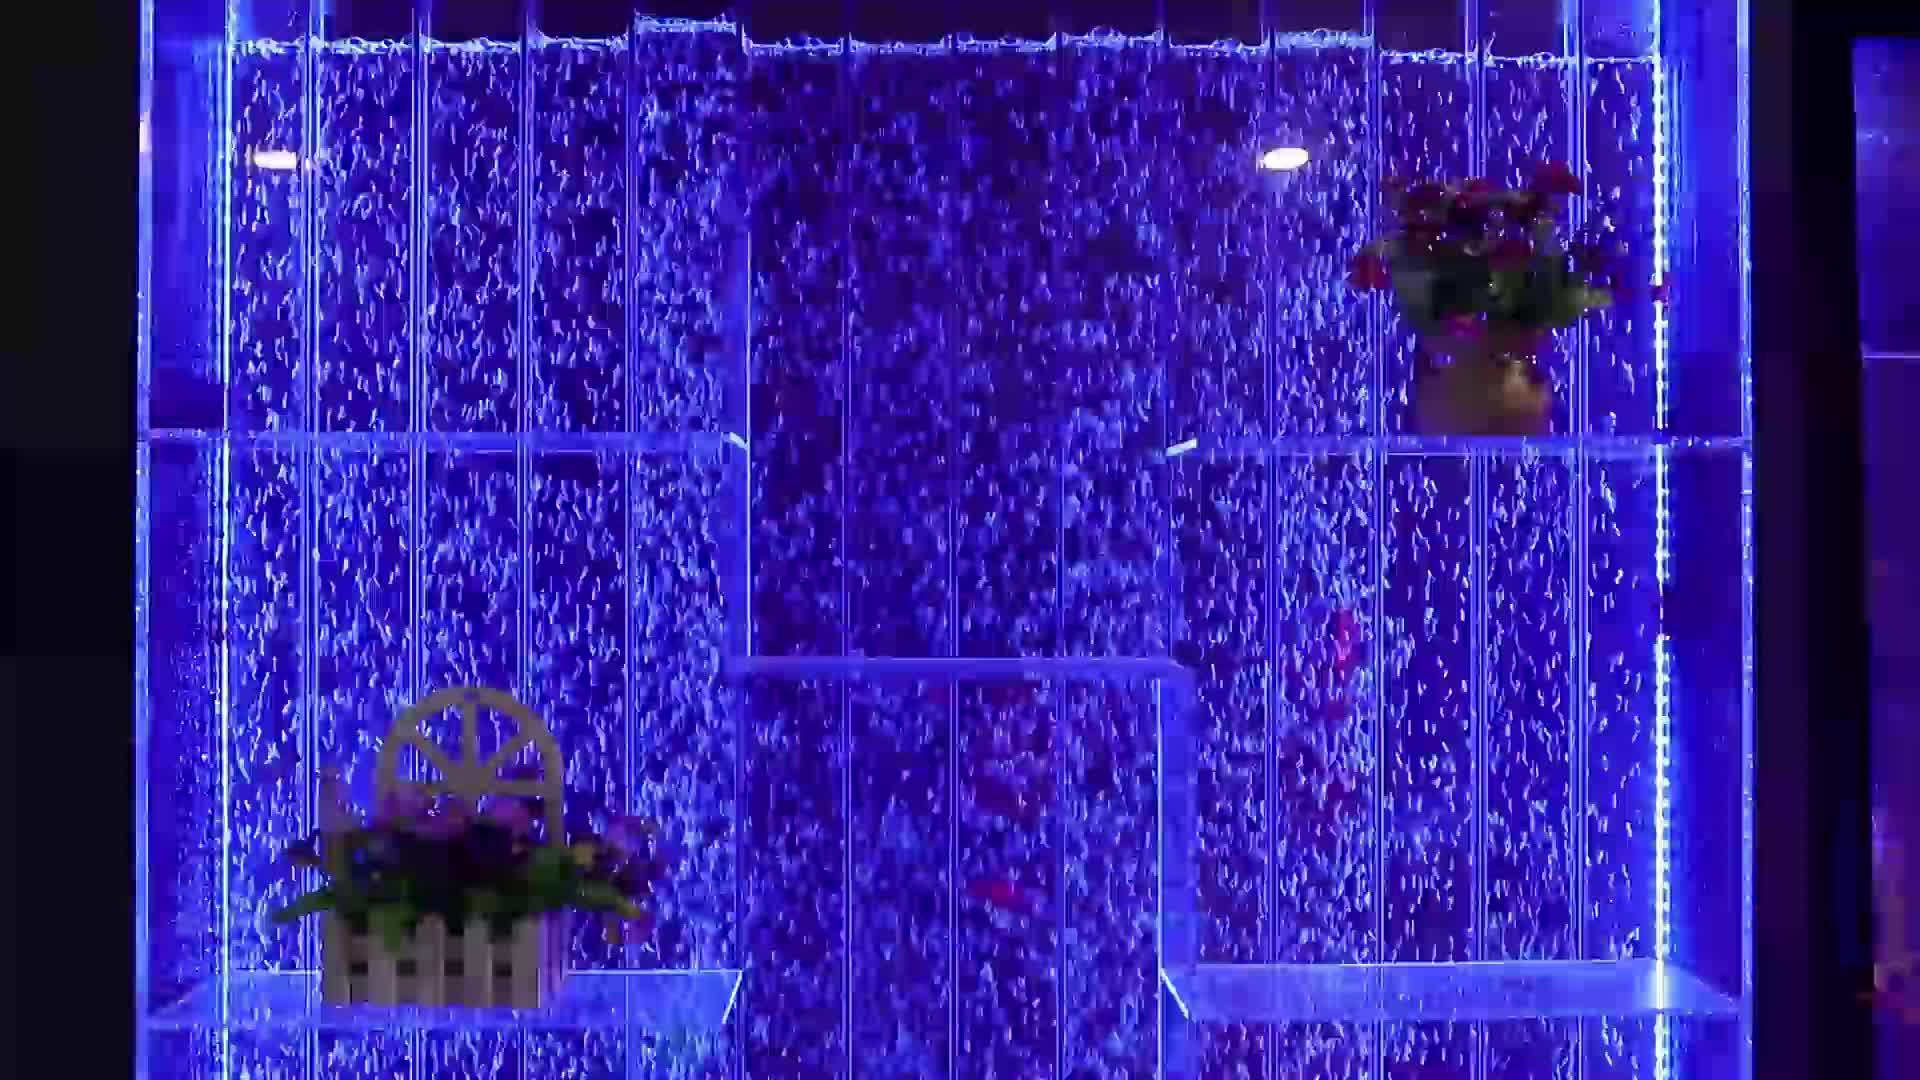 घर शराब बार कैबिनेट फर्नीचर रंगीन एक्रिलिक पानी के बुलबुले की दीवार एलईडी शराब कैबिनेट